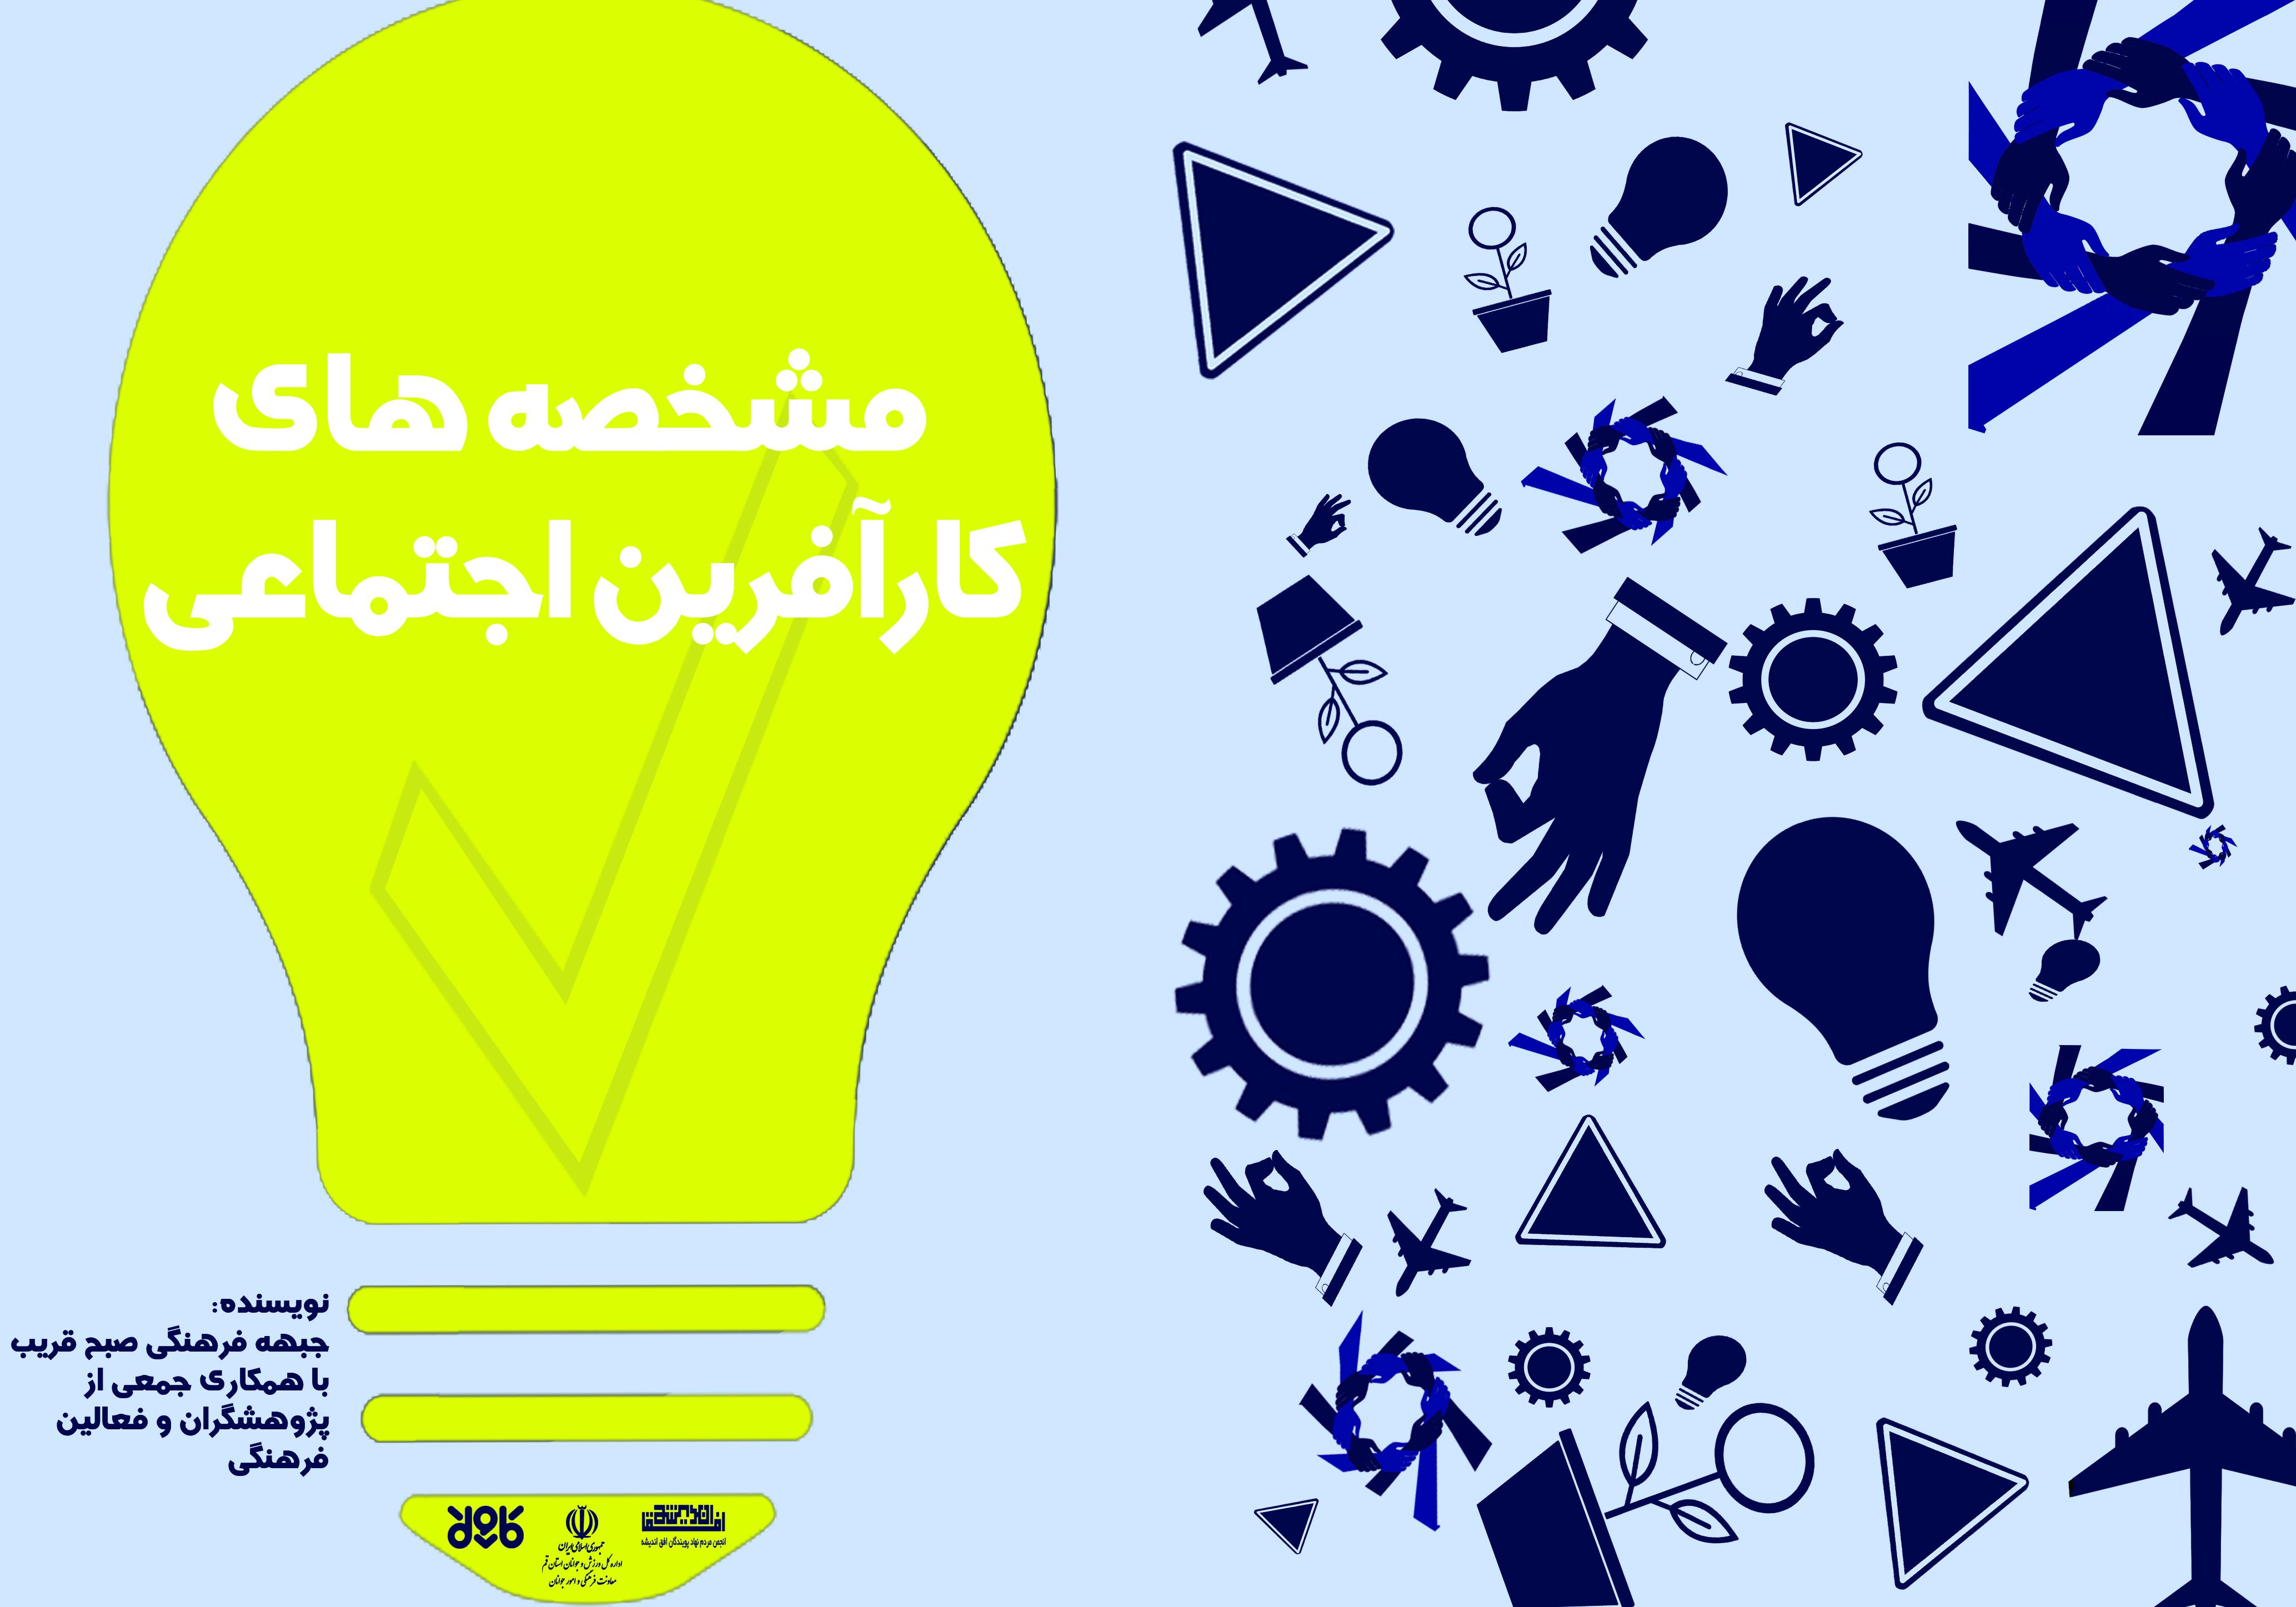 مشخصههای کارآفرین اجتماعی نمونه